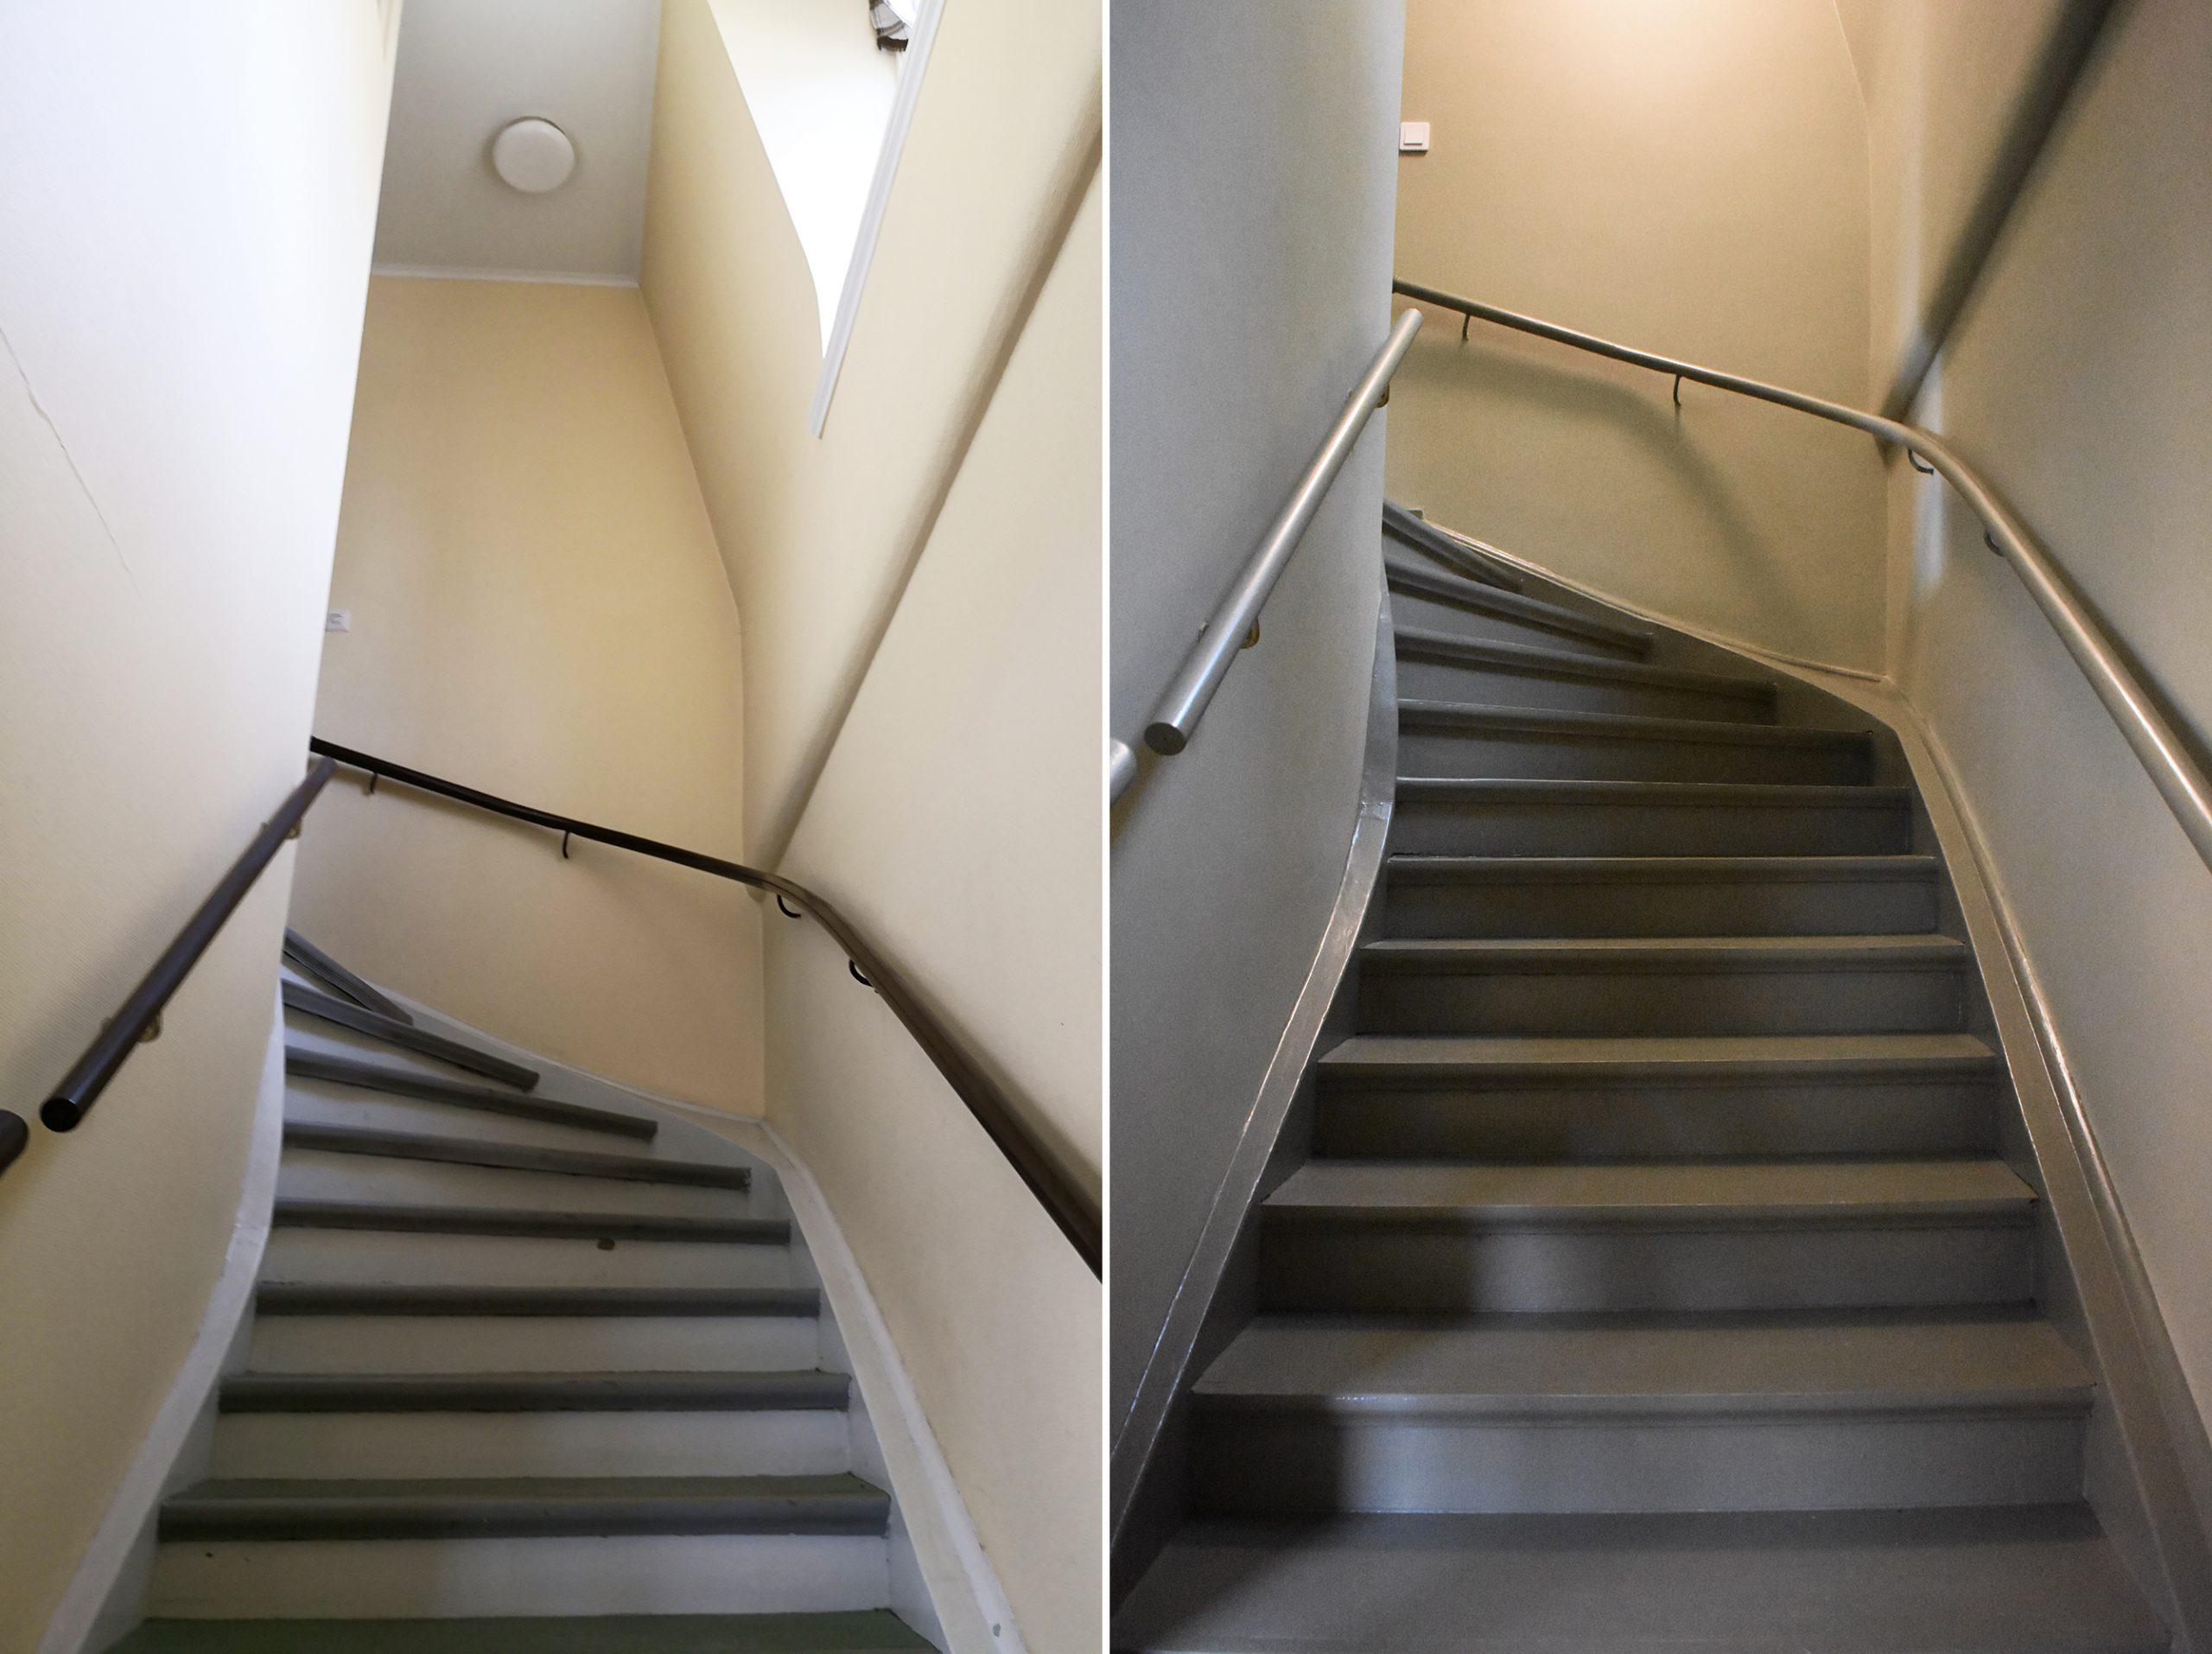 Trätrappa före och efter renovering.